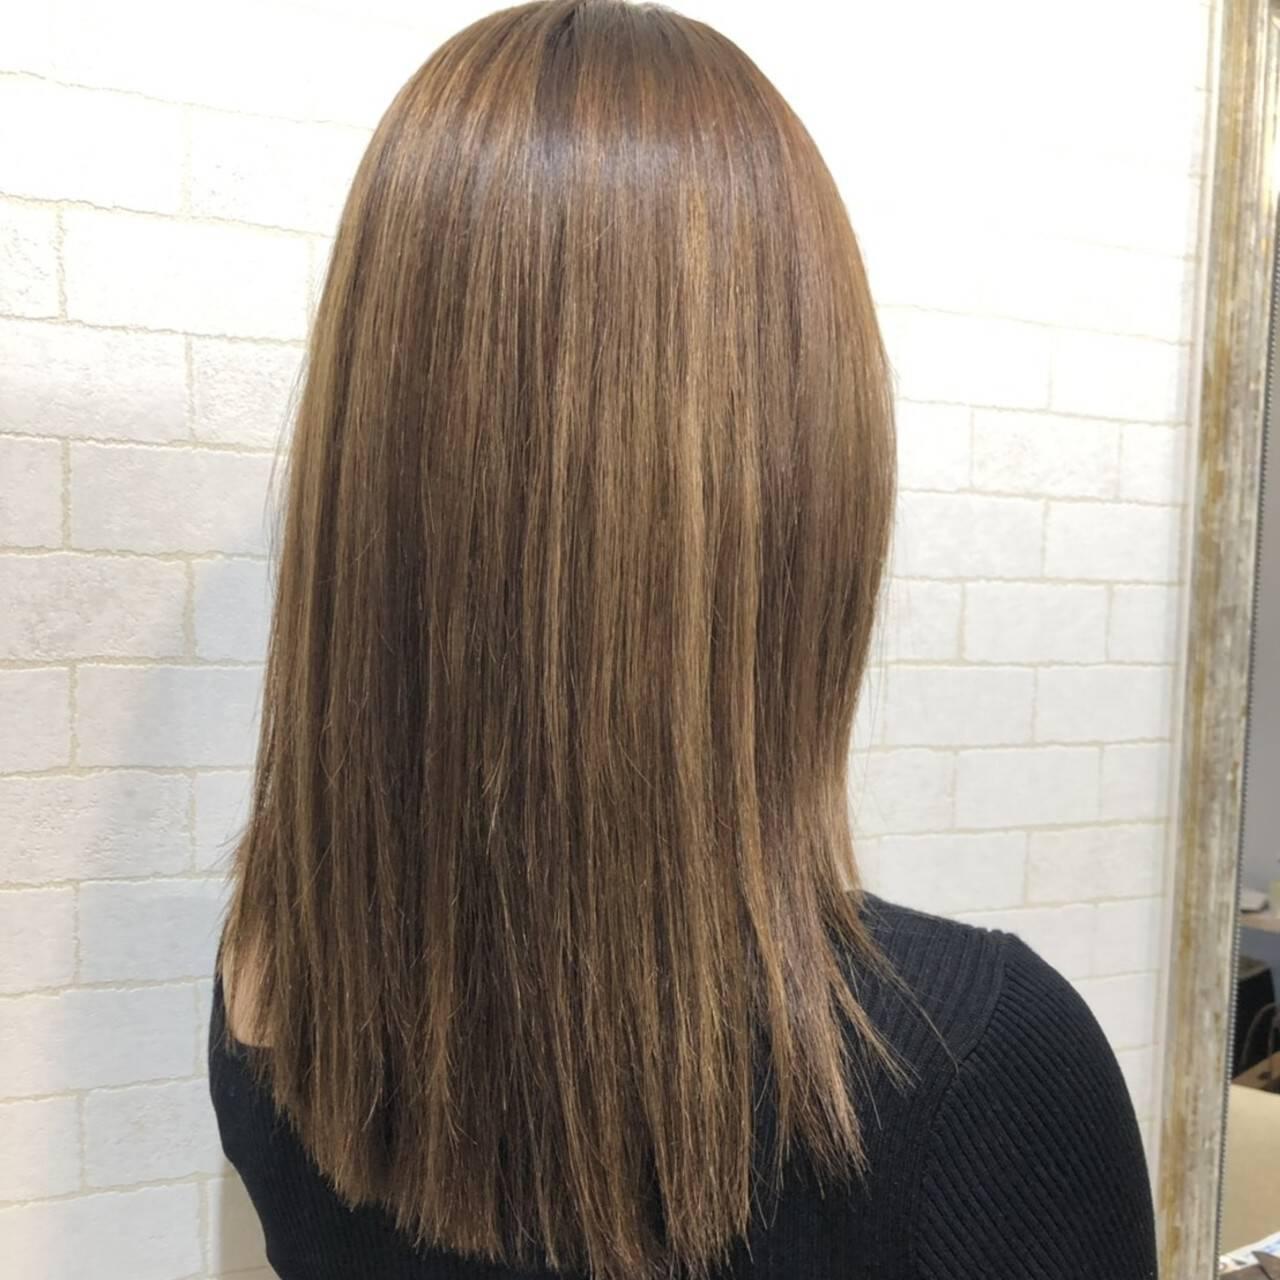 艶髪 ロング エレガント 縮毛矯正ストカールヘアスタイルや髪型の写真・画像